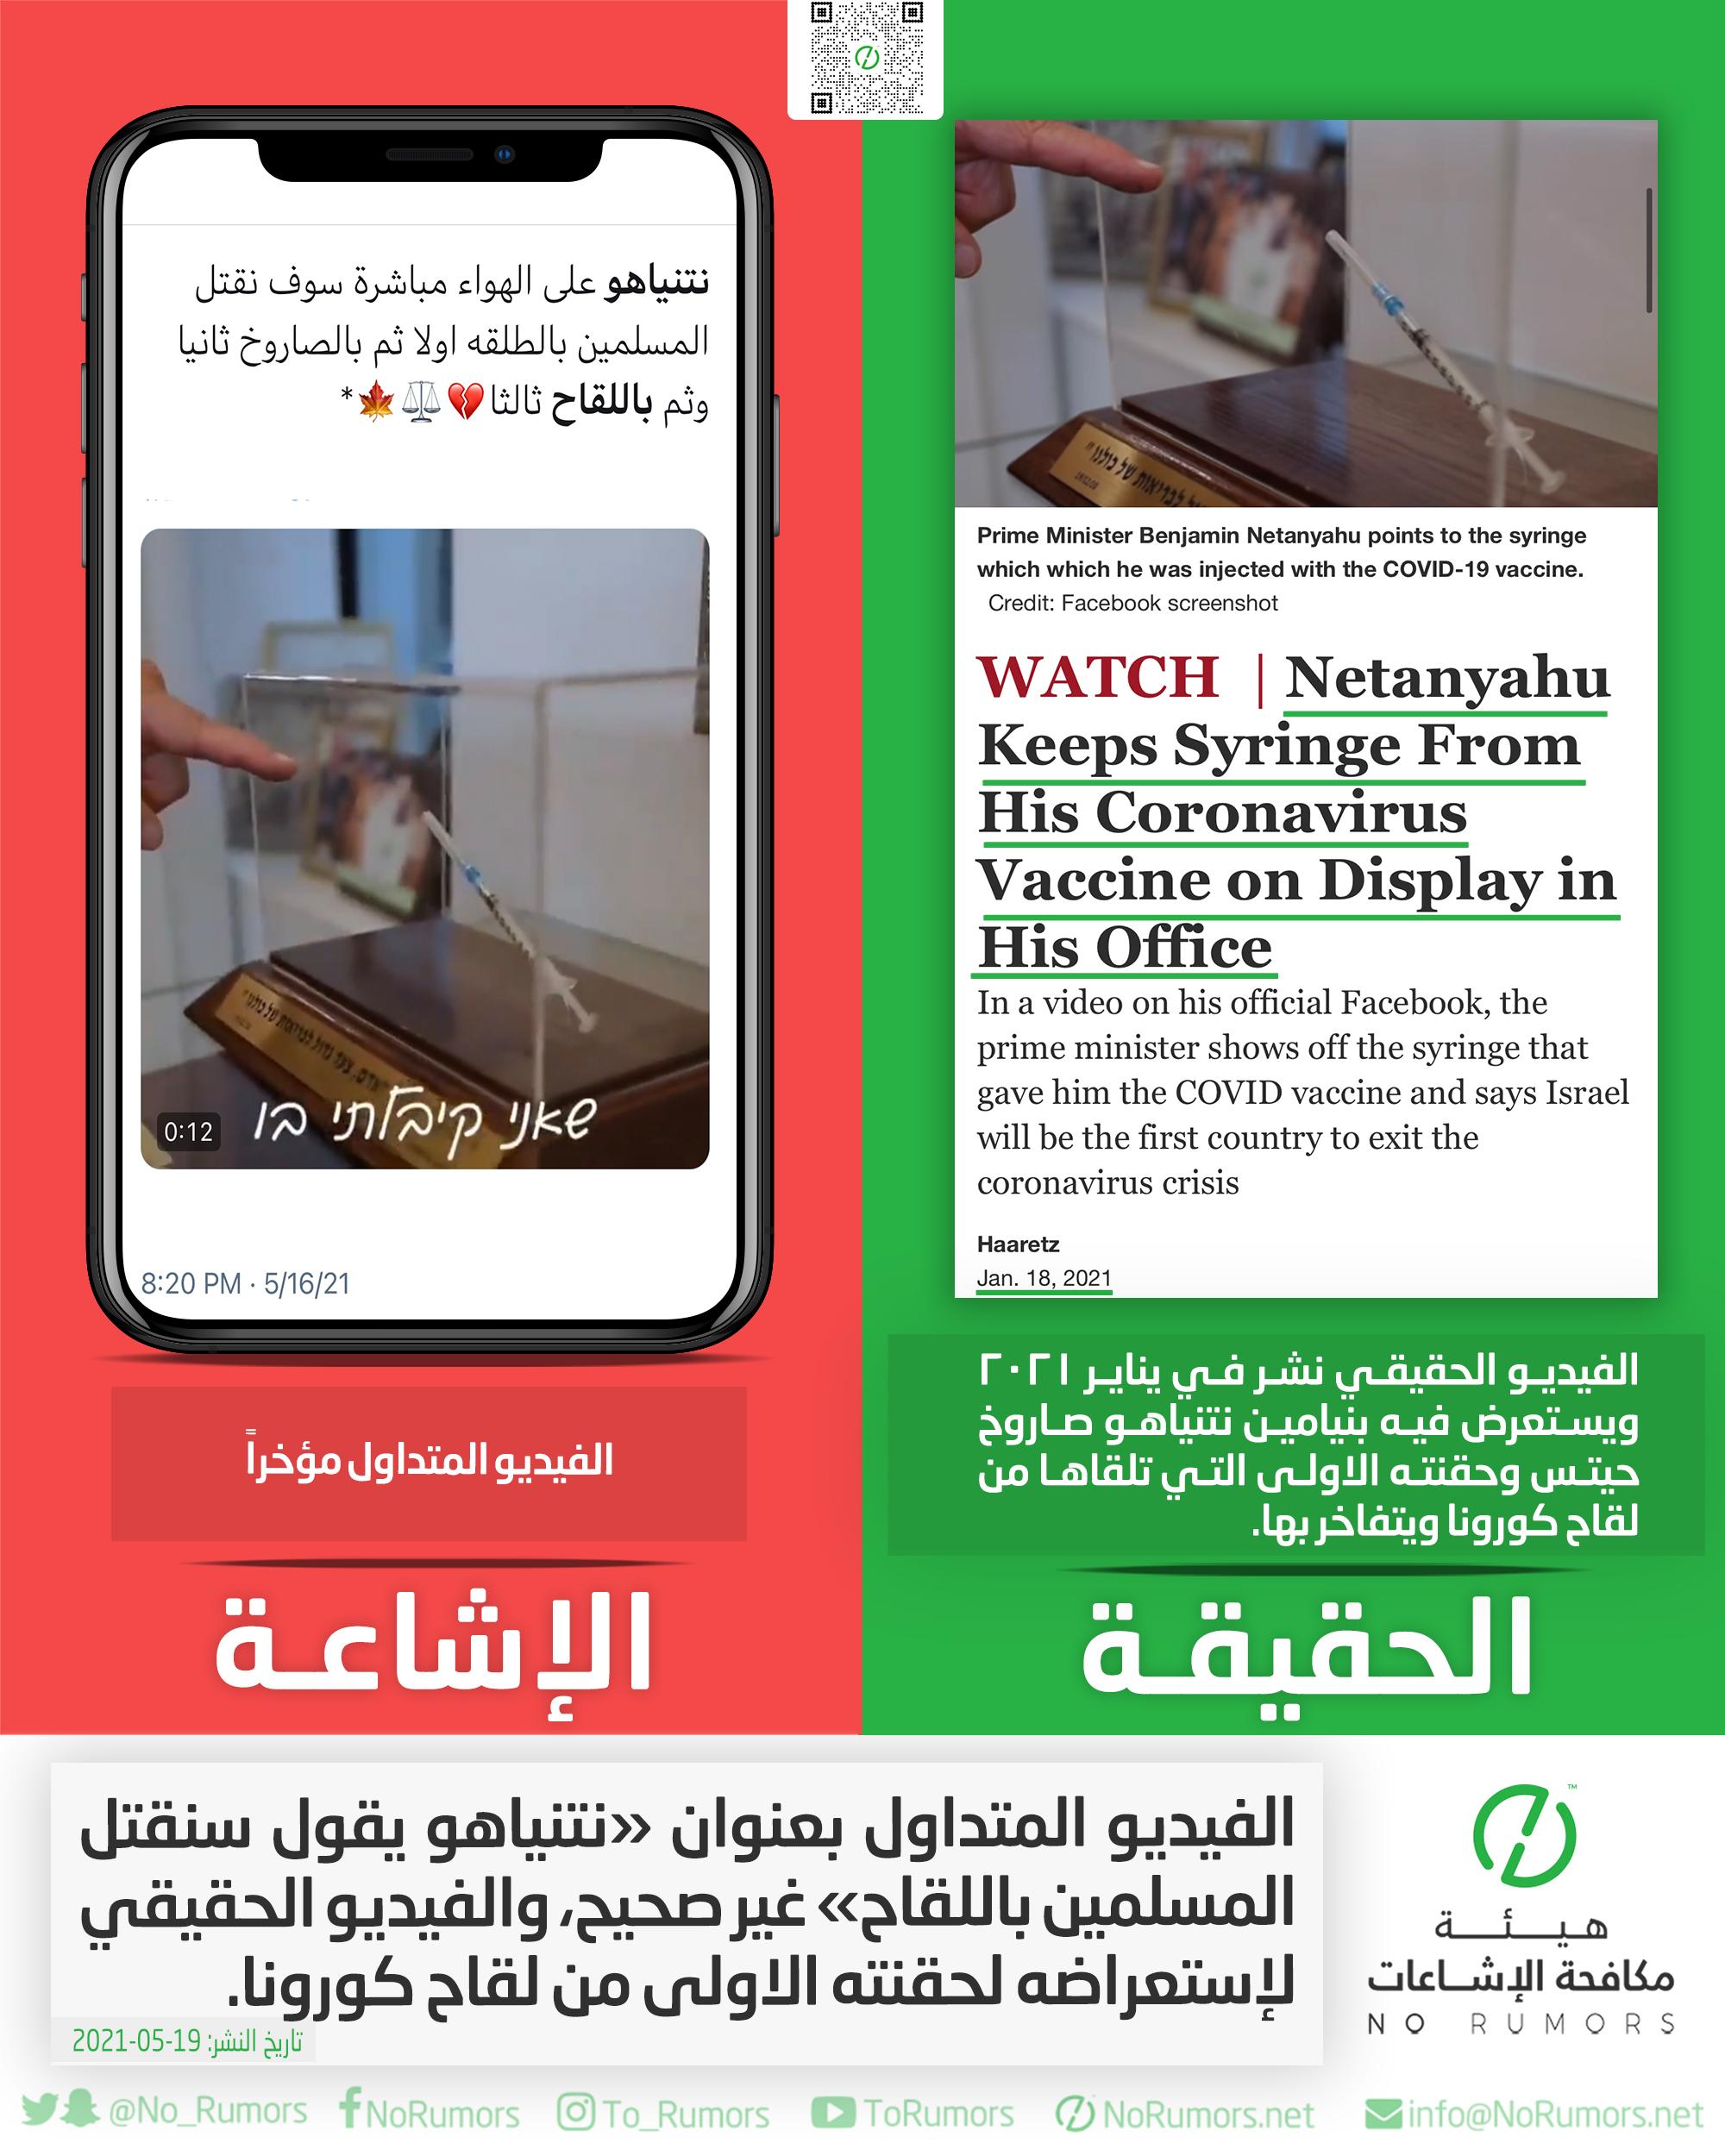 حقيقة الفيديو المتداول بعنوان «نتنياهو يقول سنقتل المسلمين باللقاح»